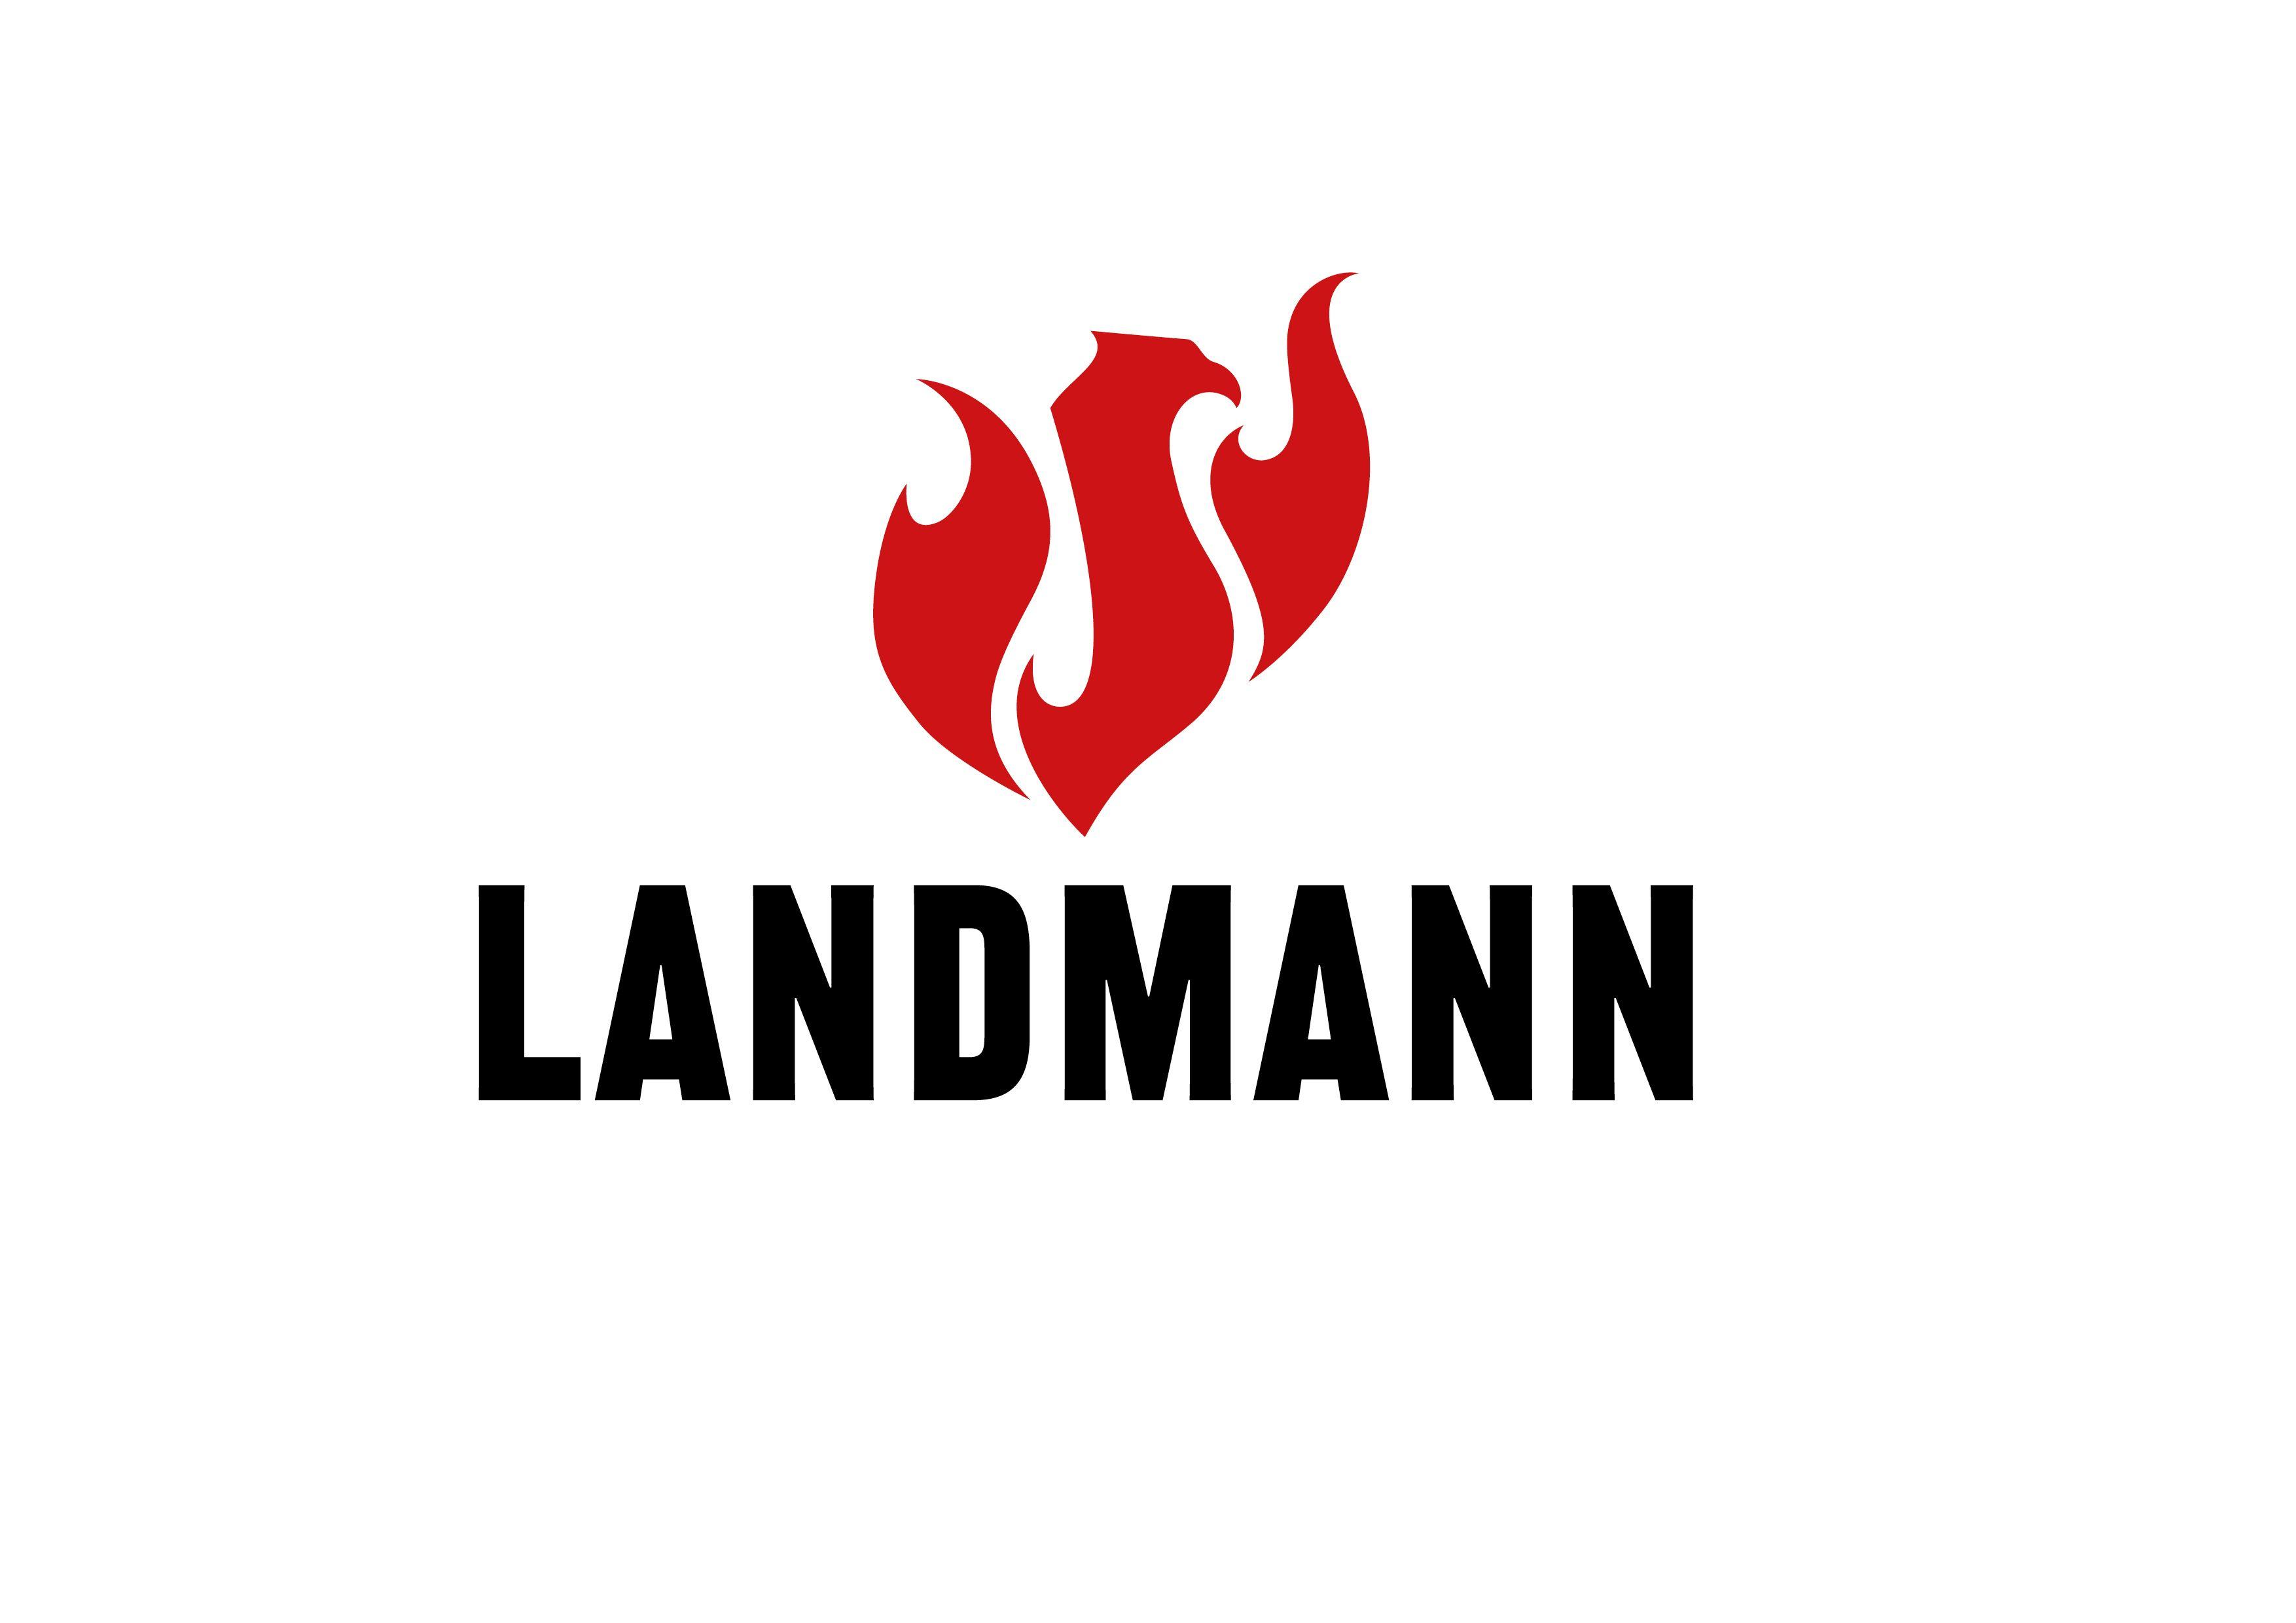 Landmann Ltd